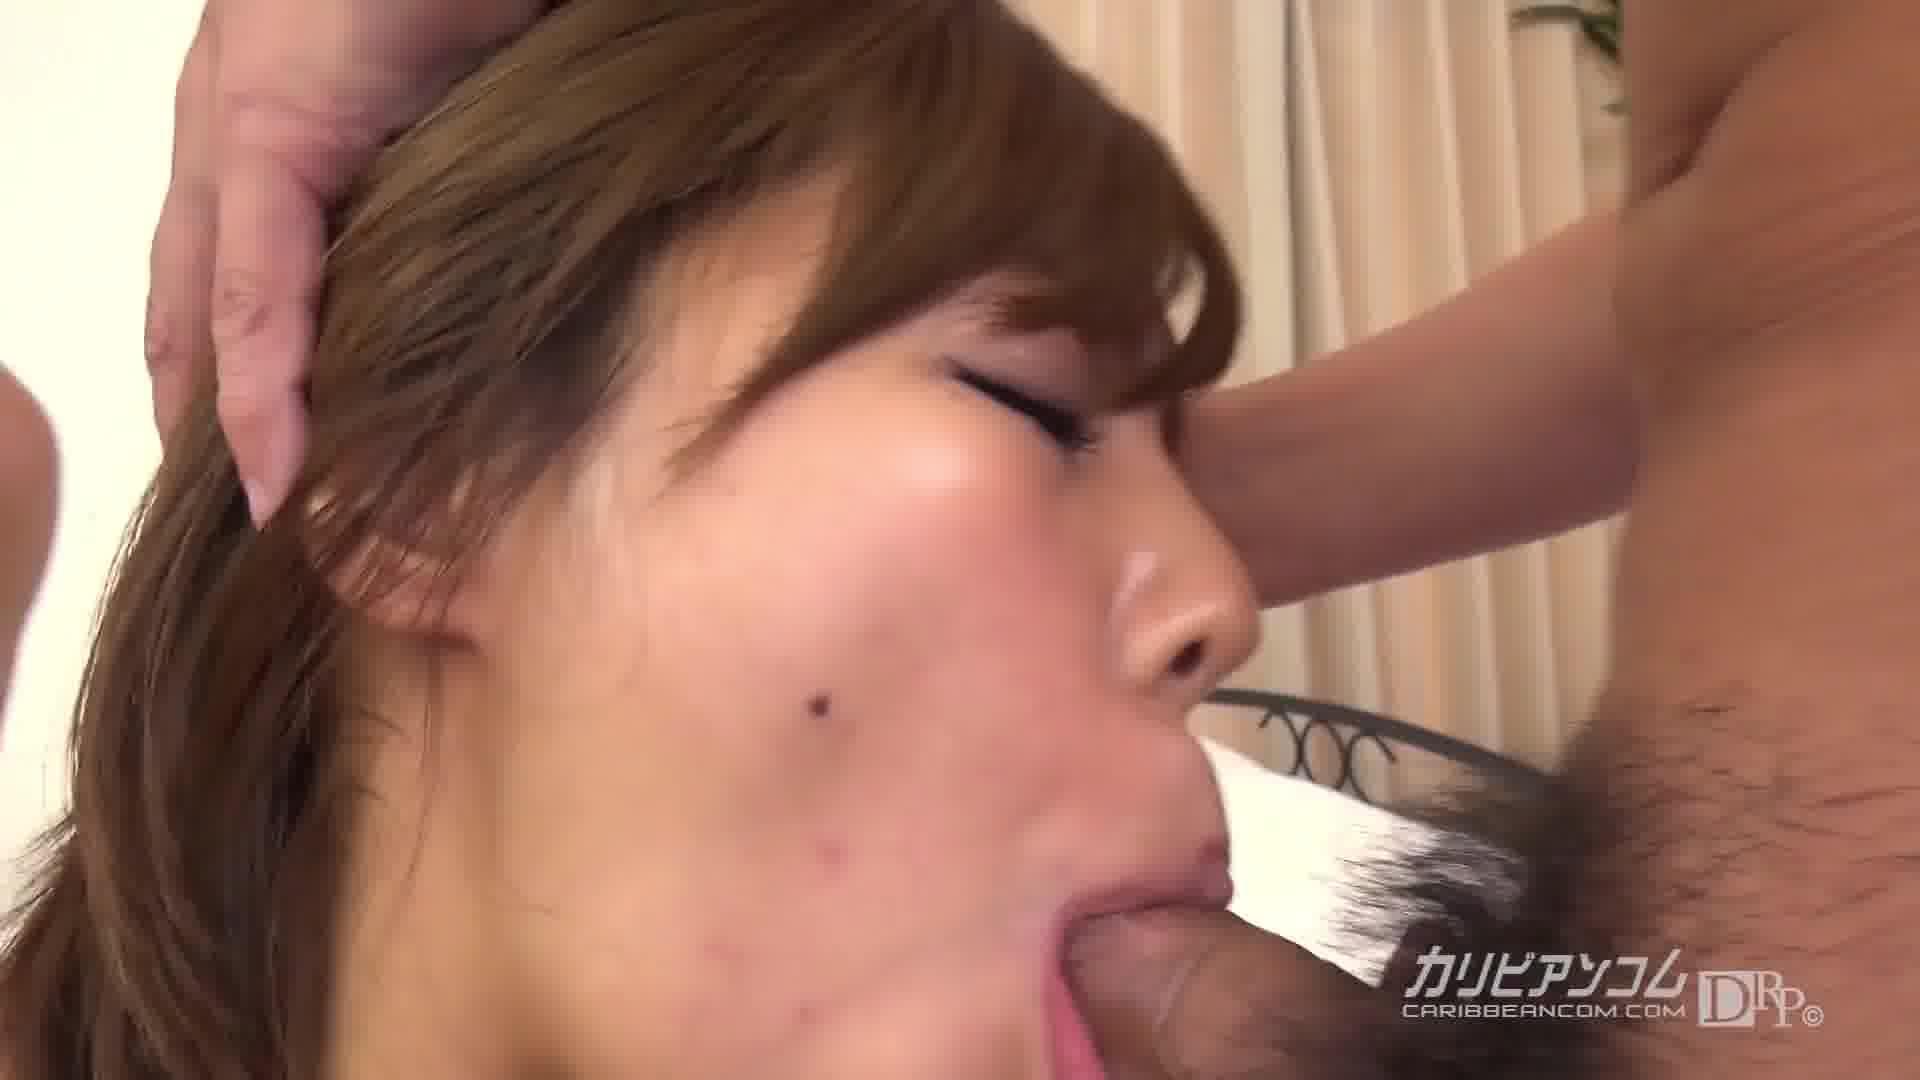 精子を搾りつくすまで終わらない肉宴 - 西条沙羅【乱交・巨乳・ぶっかけ】